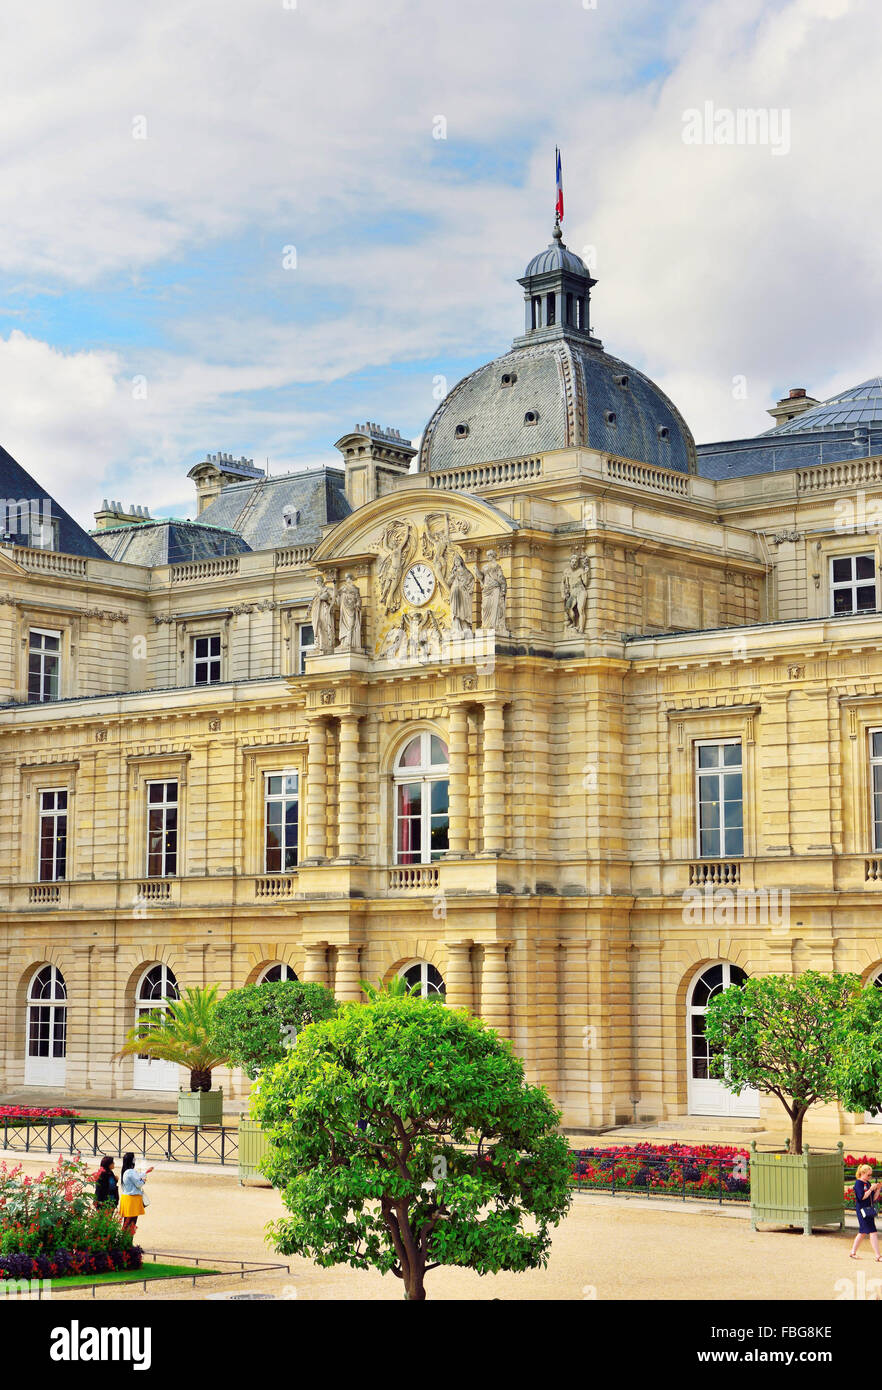 palais de luxembourg paris ile de fance france stock photo royalty free image 93171106 alamy. Black Bedroom Furniture Sets. Home Design Ideas